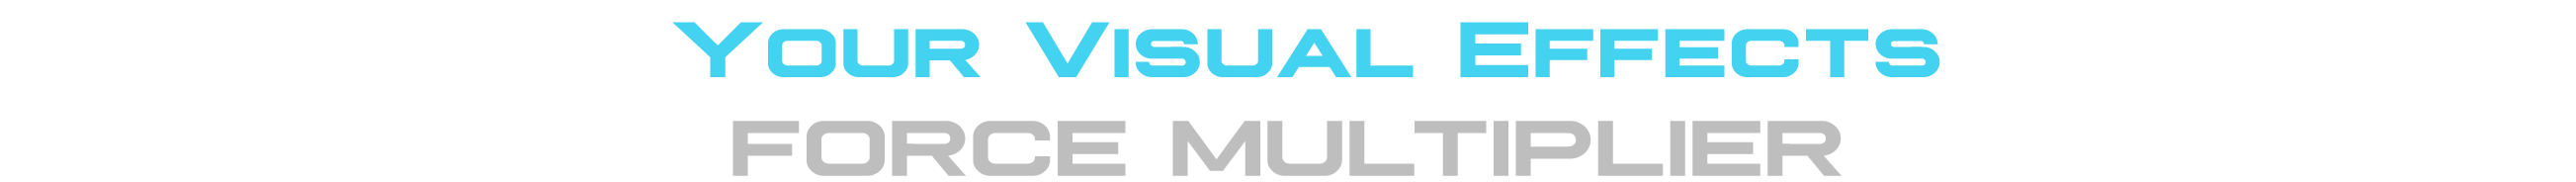 BionicPrimitive_force_multiplier_v3